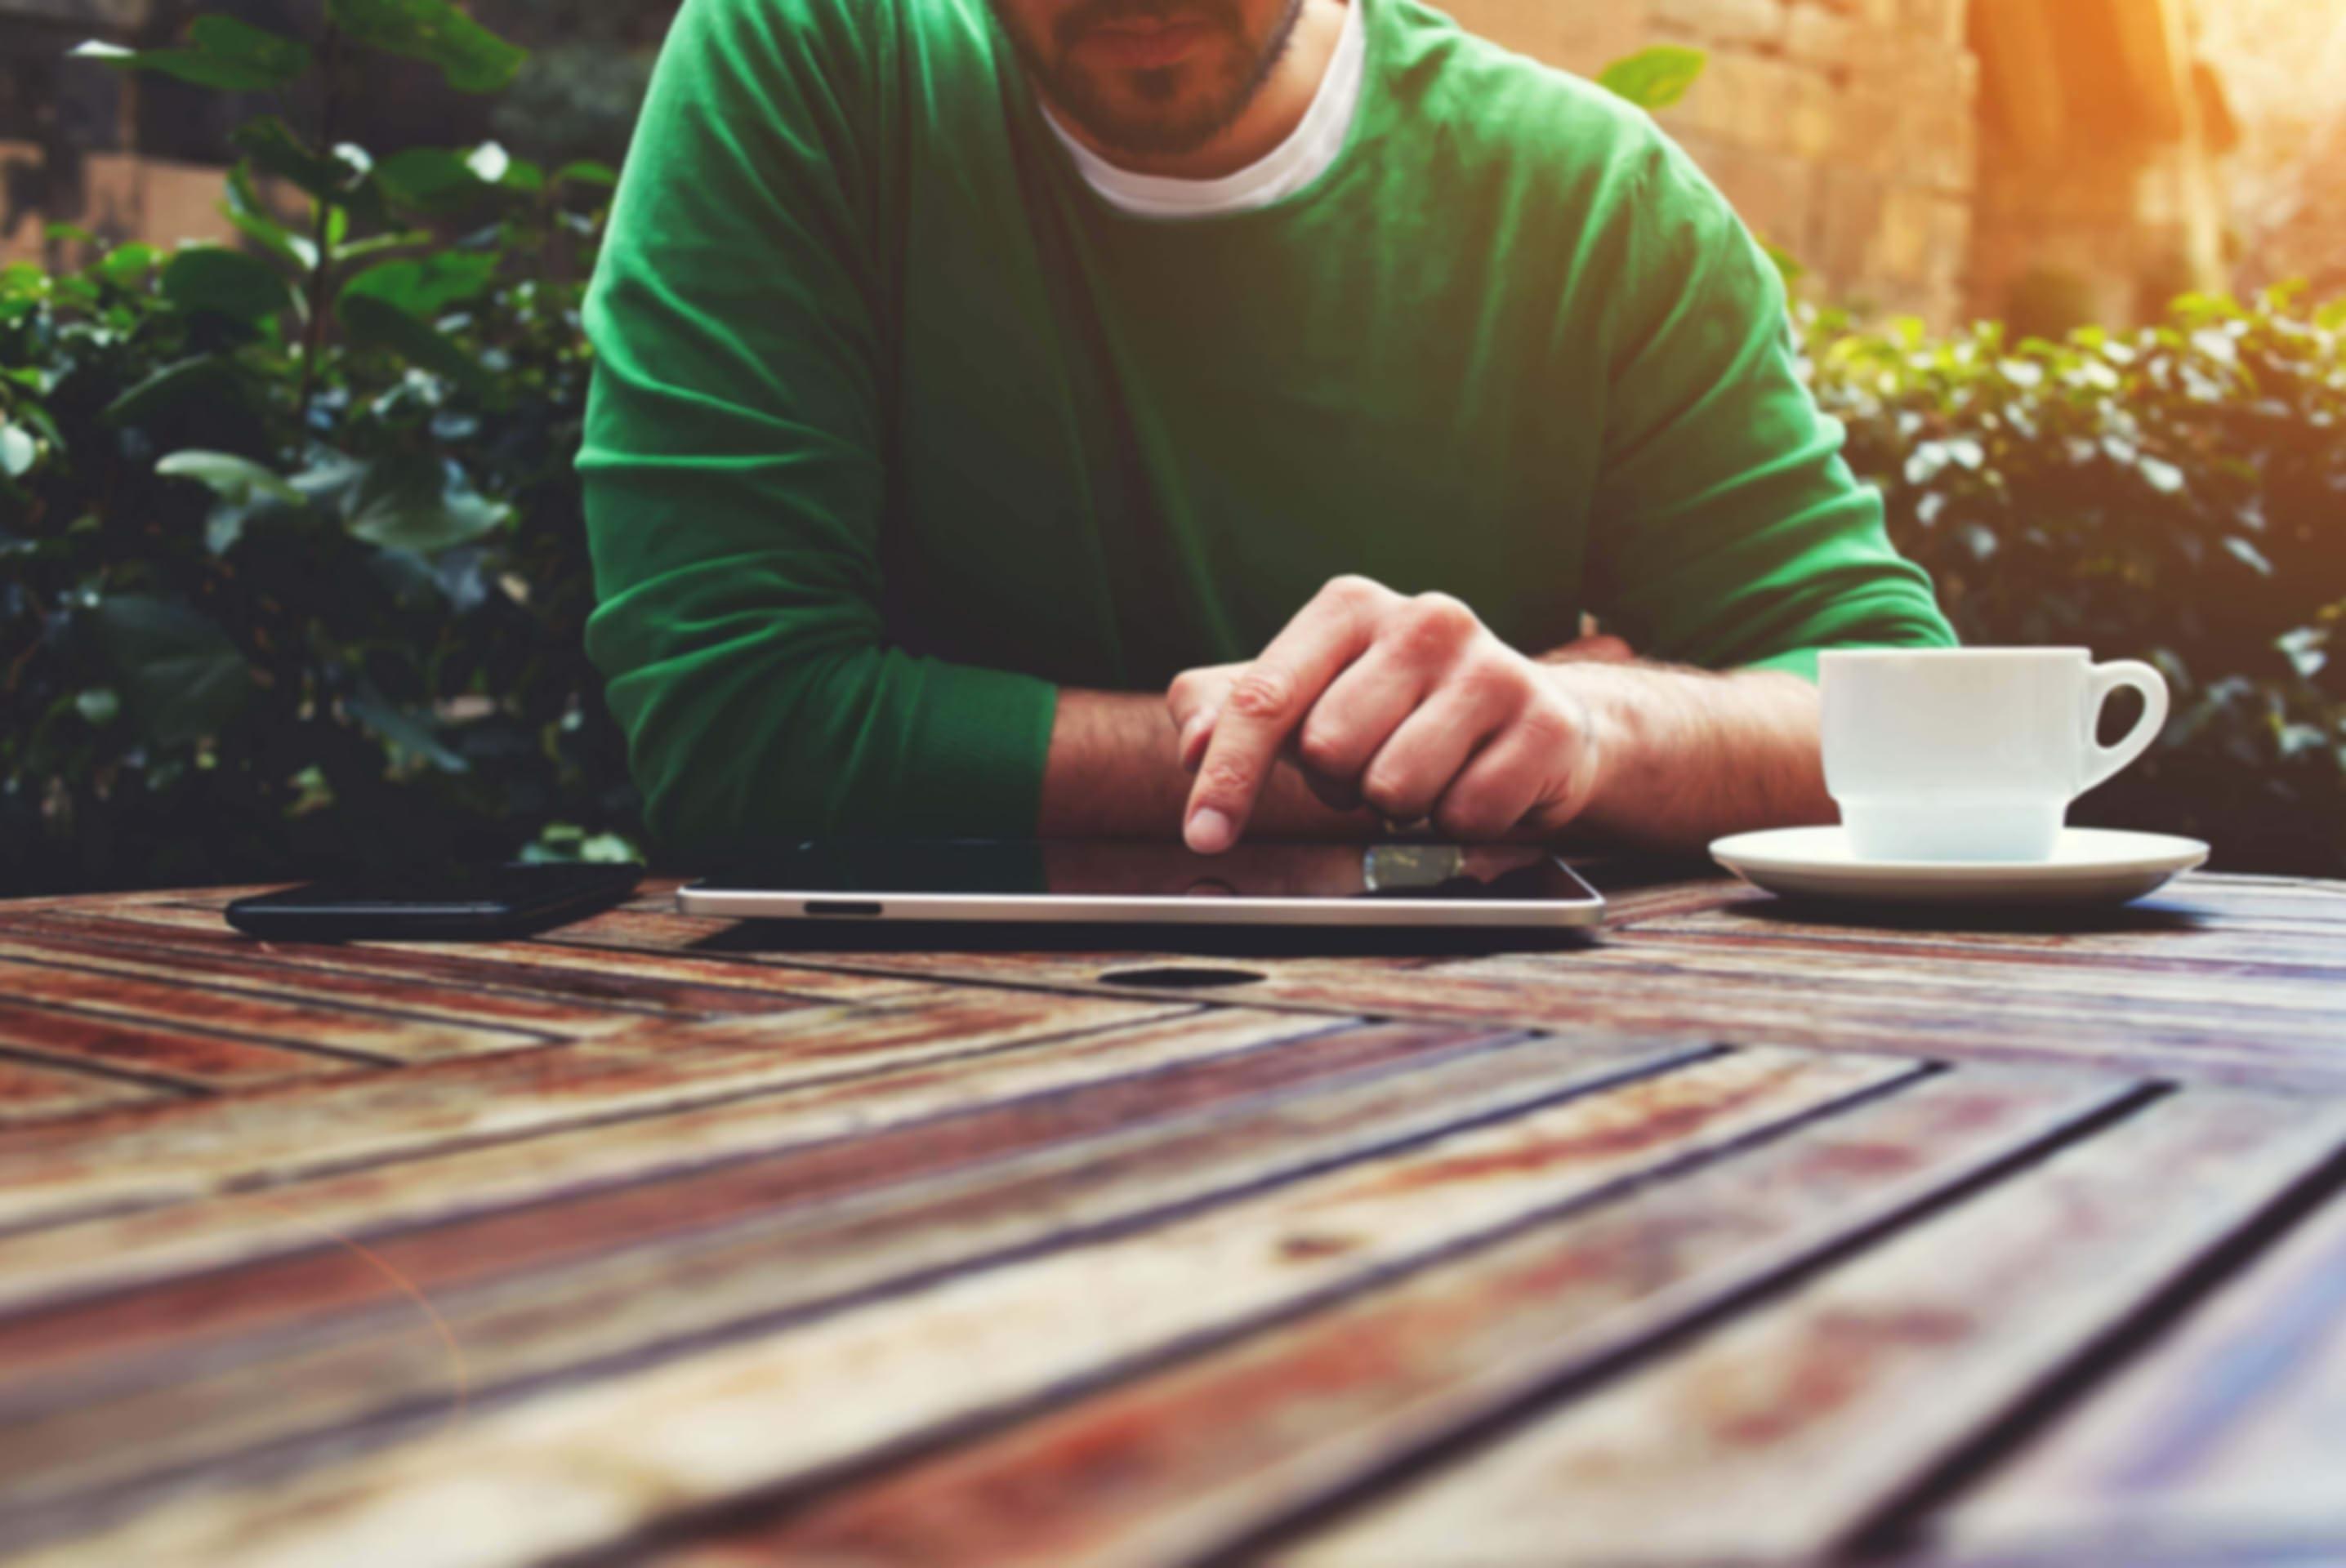 바깥 테이블에 앉아 태블릿으로 작업 중인 남자.